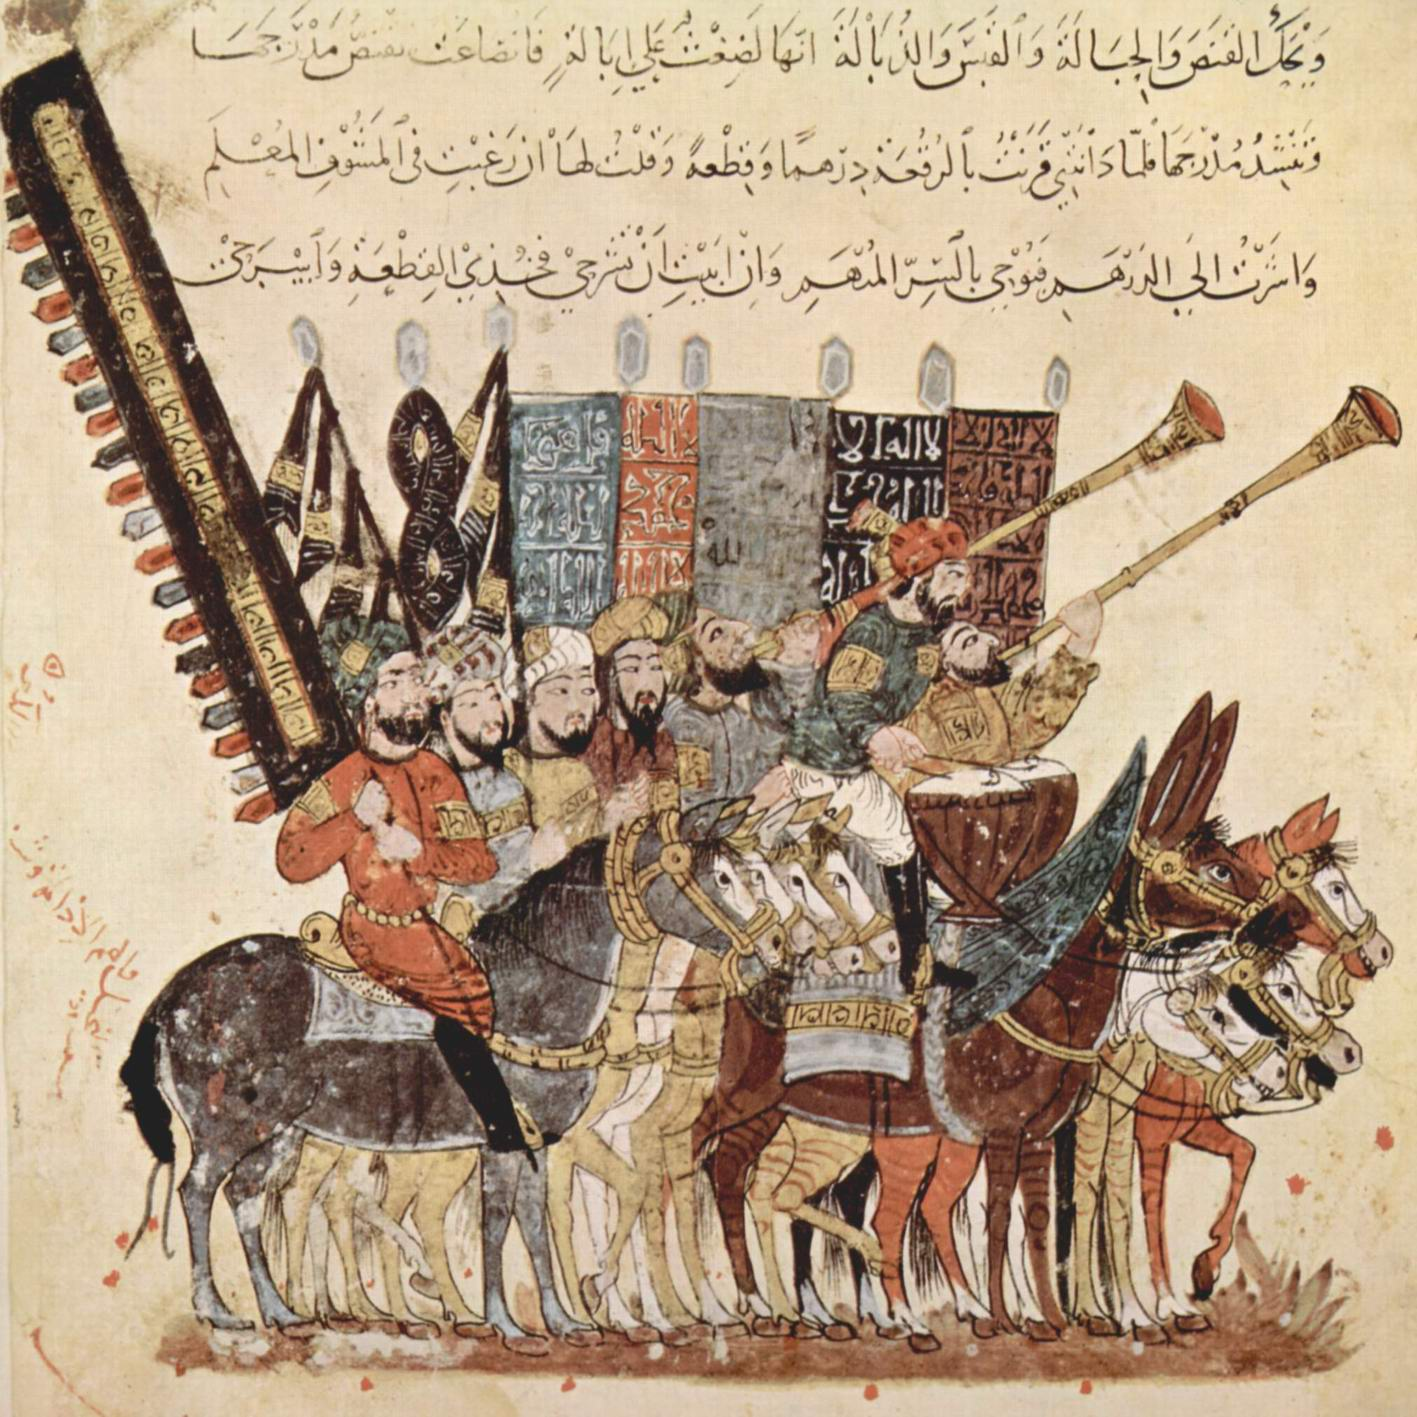 Харири, группа всадников в ожидании праздничного шествия (седьмой макам), Аль-Васити Яхья ибн-Махмуд